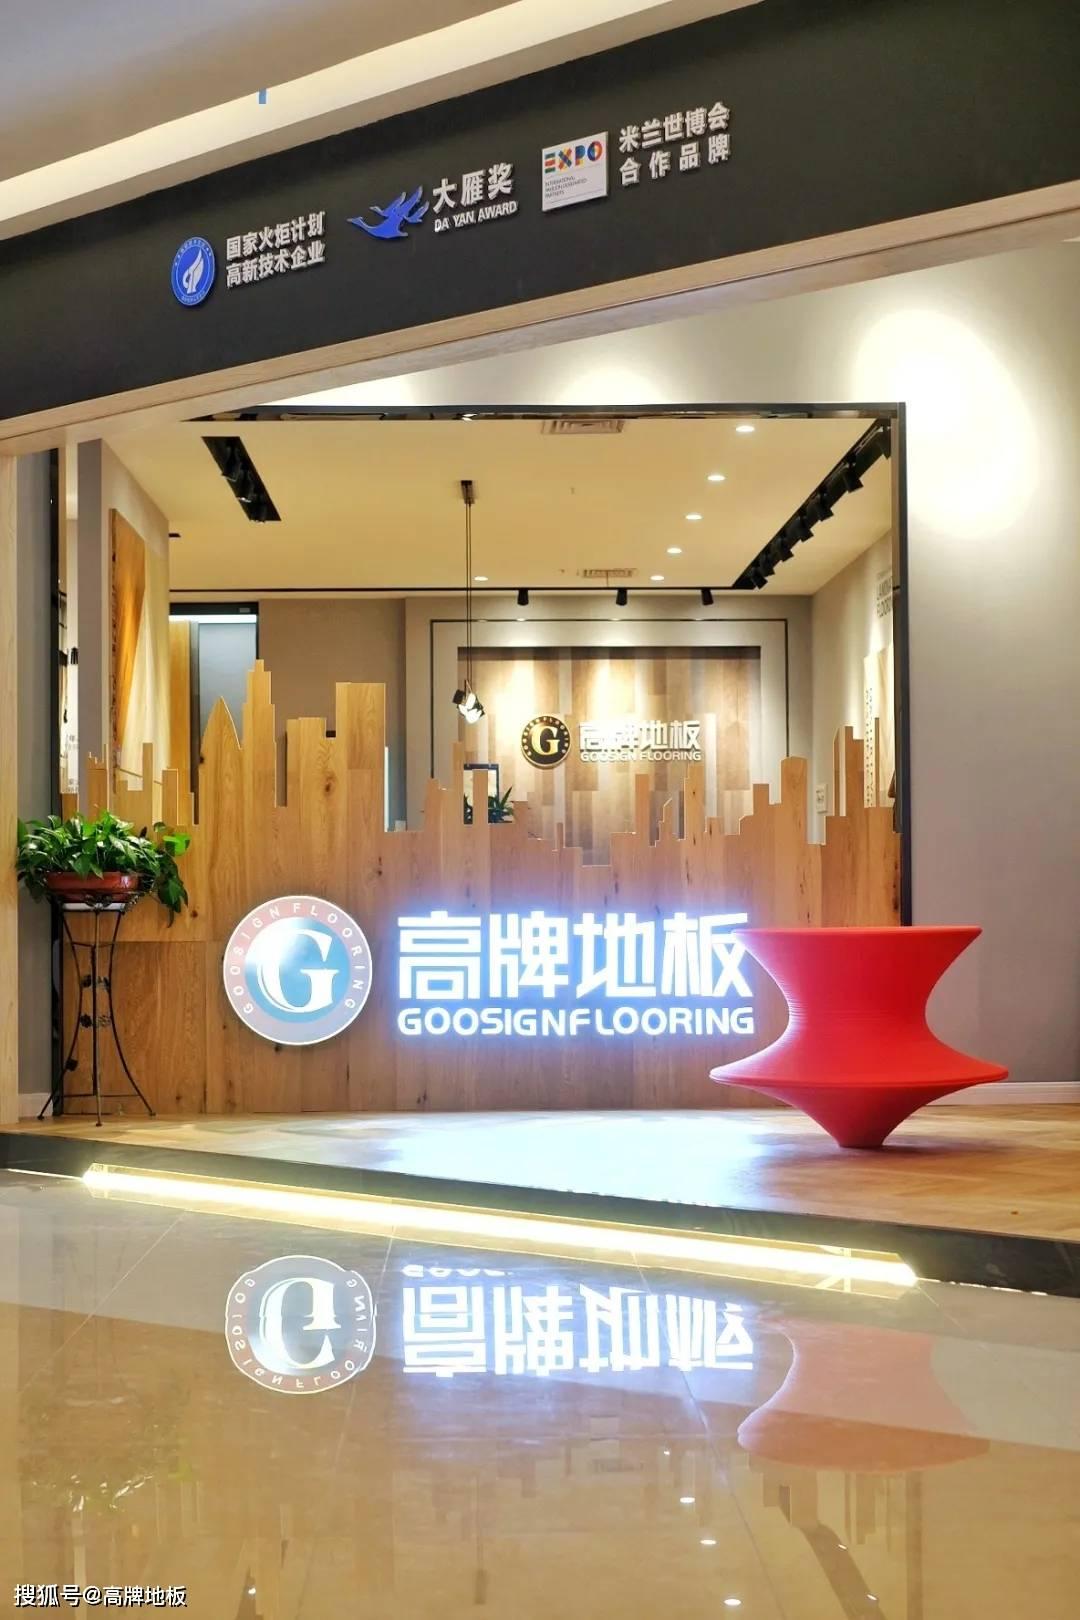 武汉的这家高牌地板店网红们打卡拍照的圣地